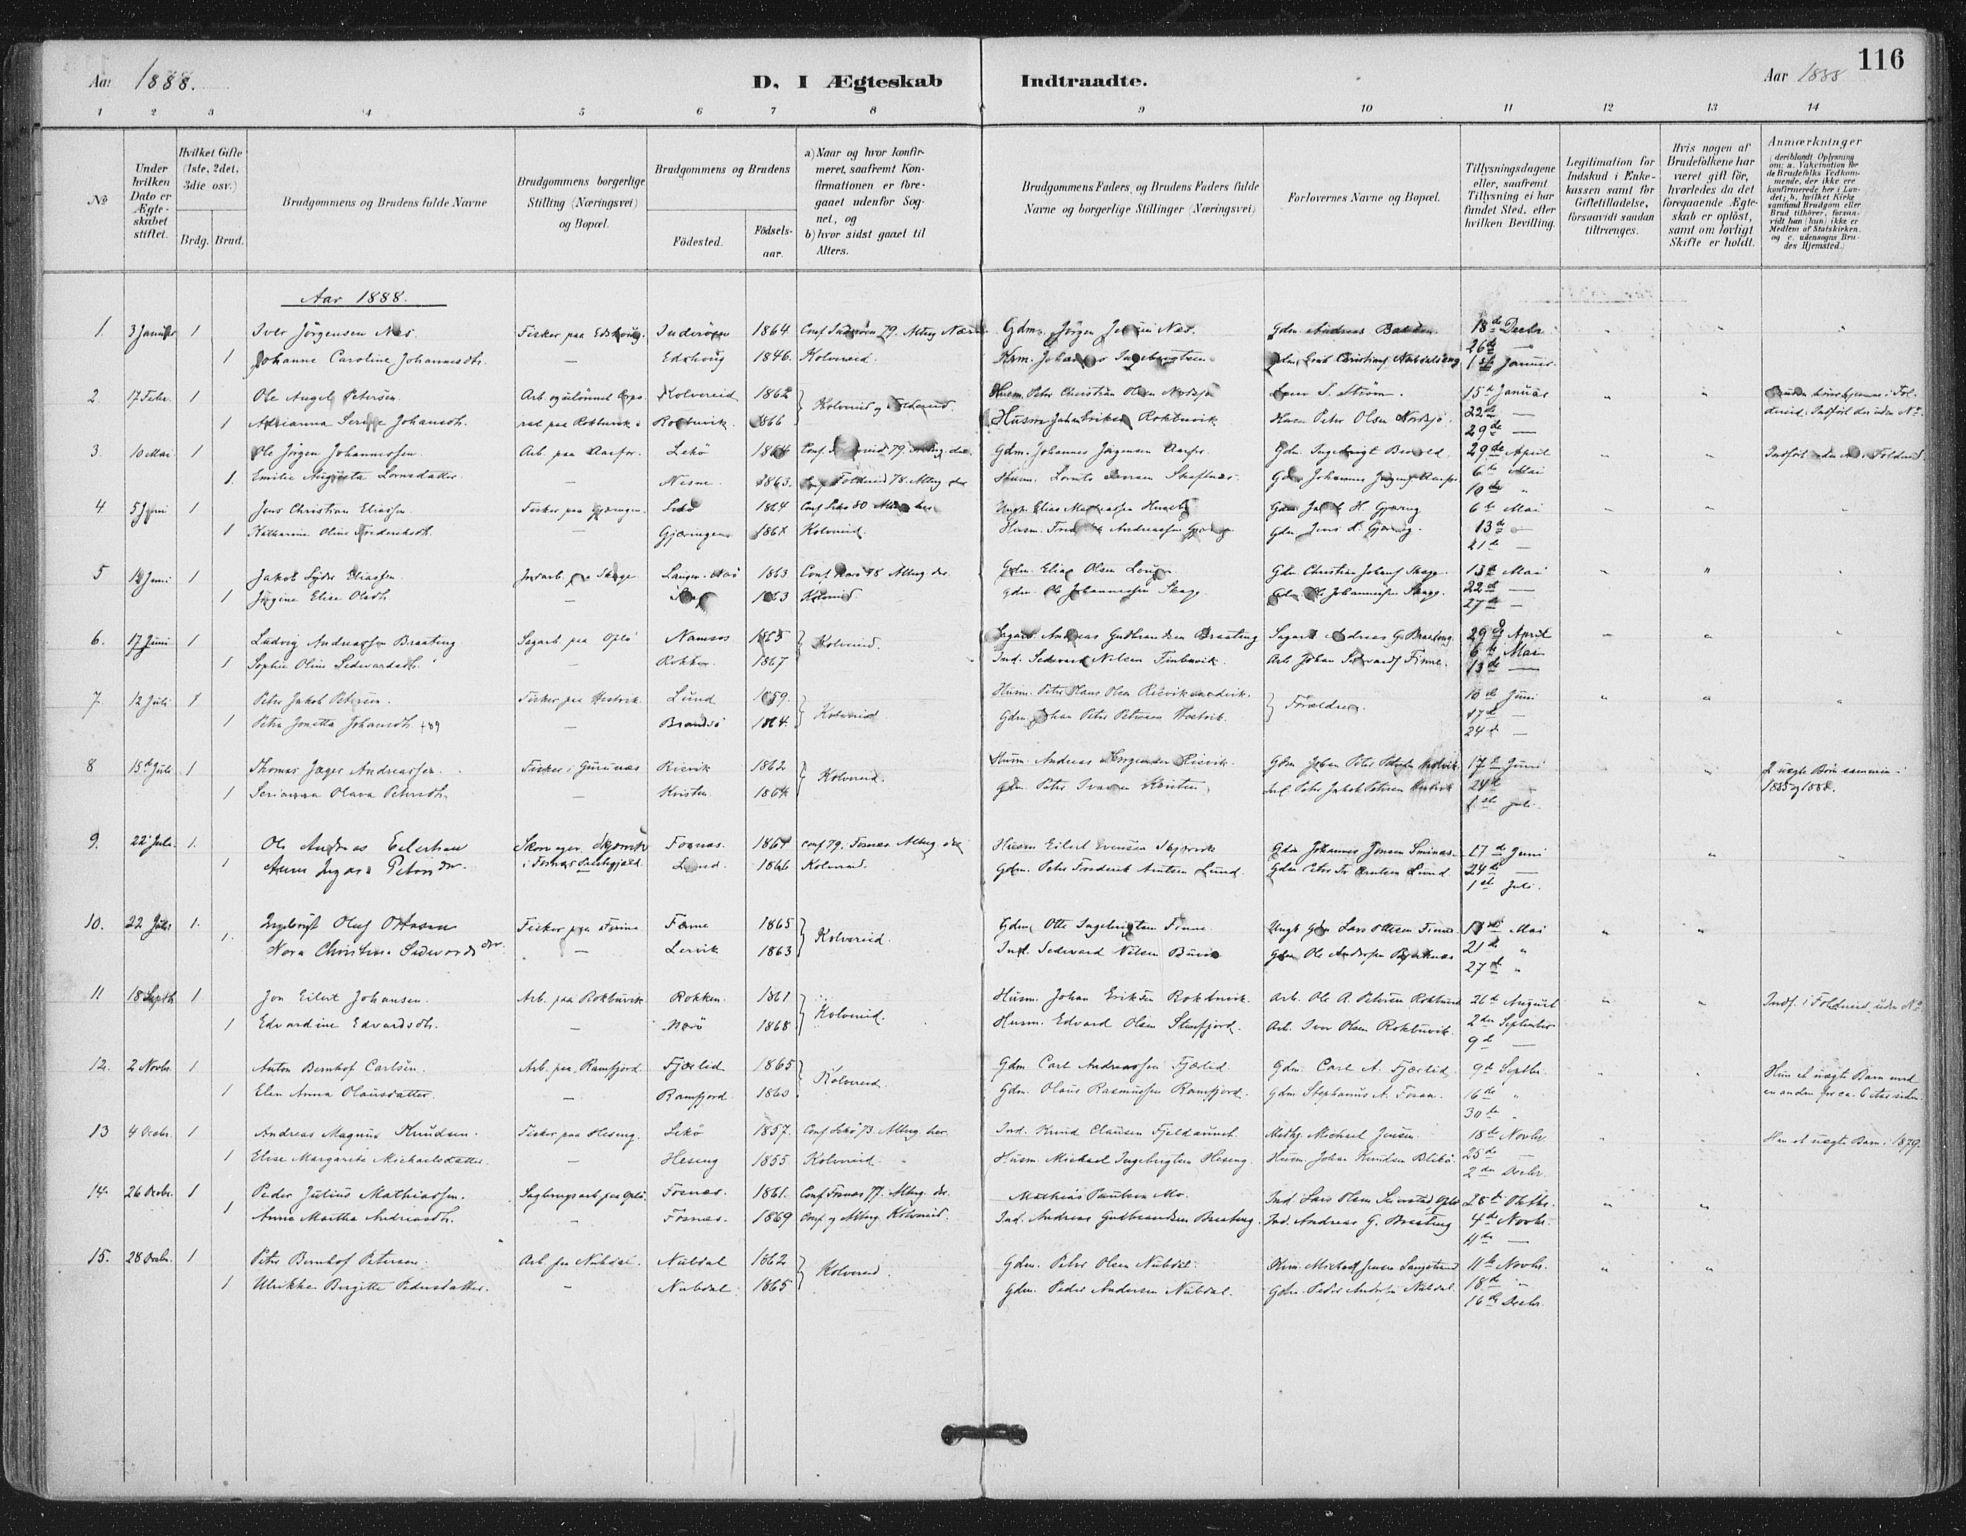 SAT, Ministerialprotokoller, klokkerbøker og fødselsregistre - Nord-Trøndelag, 780/L0644: Ministerialbok nr. 780A08, 1886-1903, s. 116